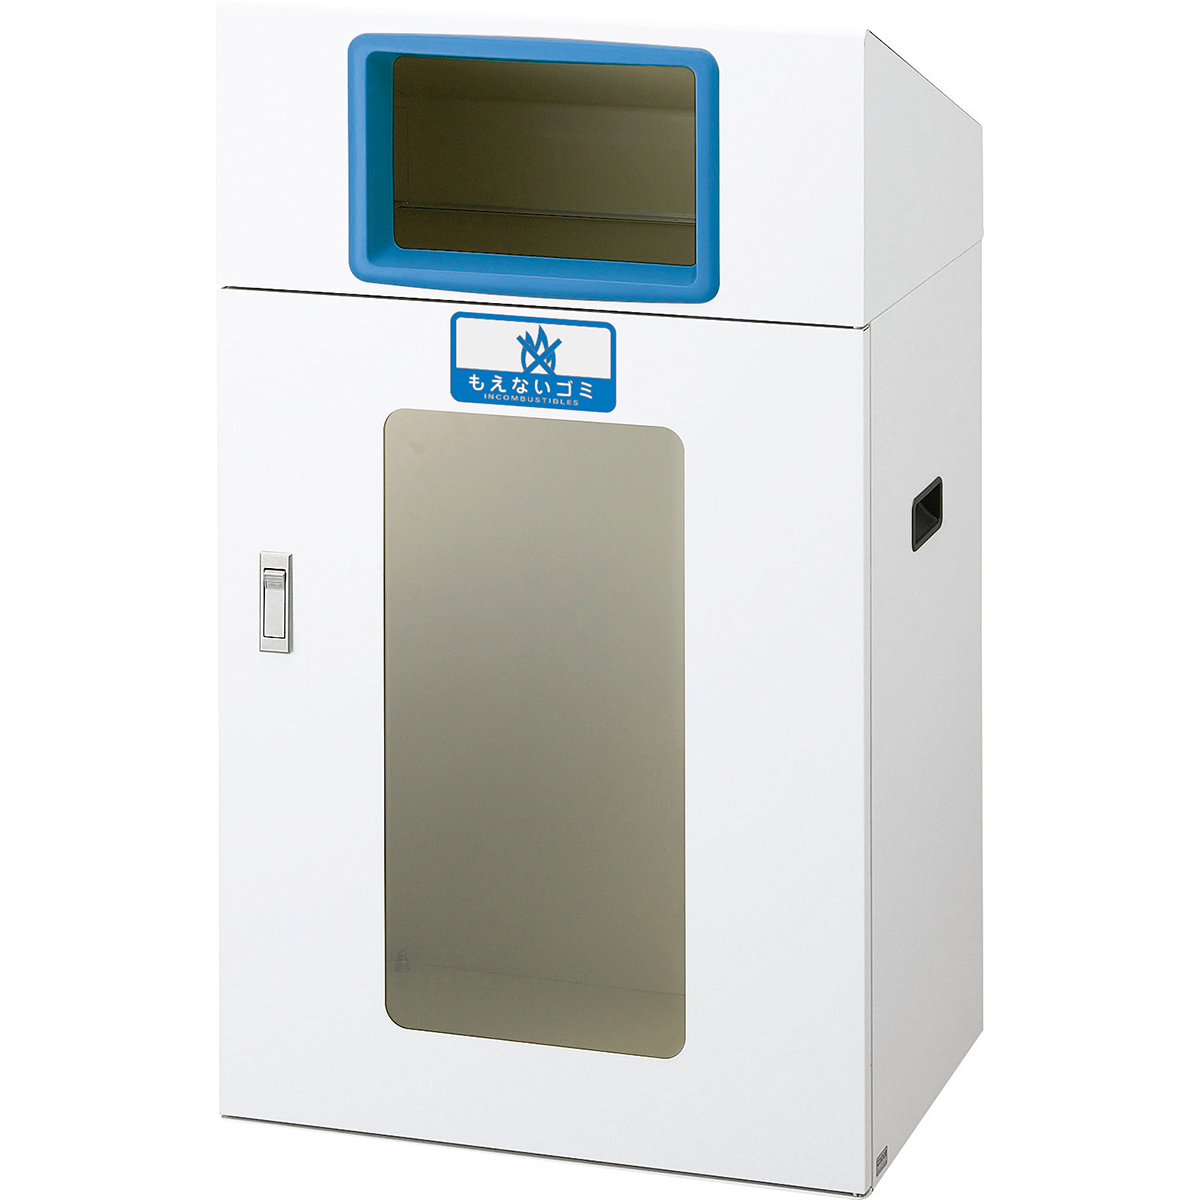 山崎産業 リサイクルボックス YOS-90 120L もえないゴミ/BL(青) (代引不可) YW-350L-ID